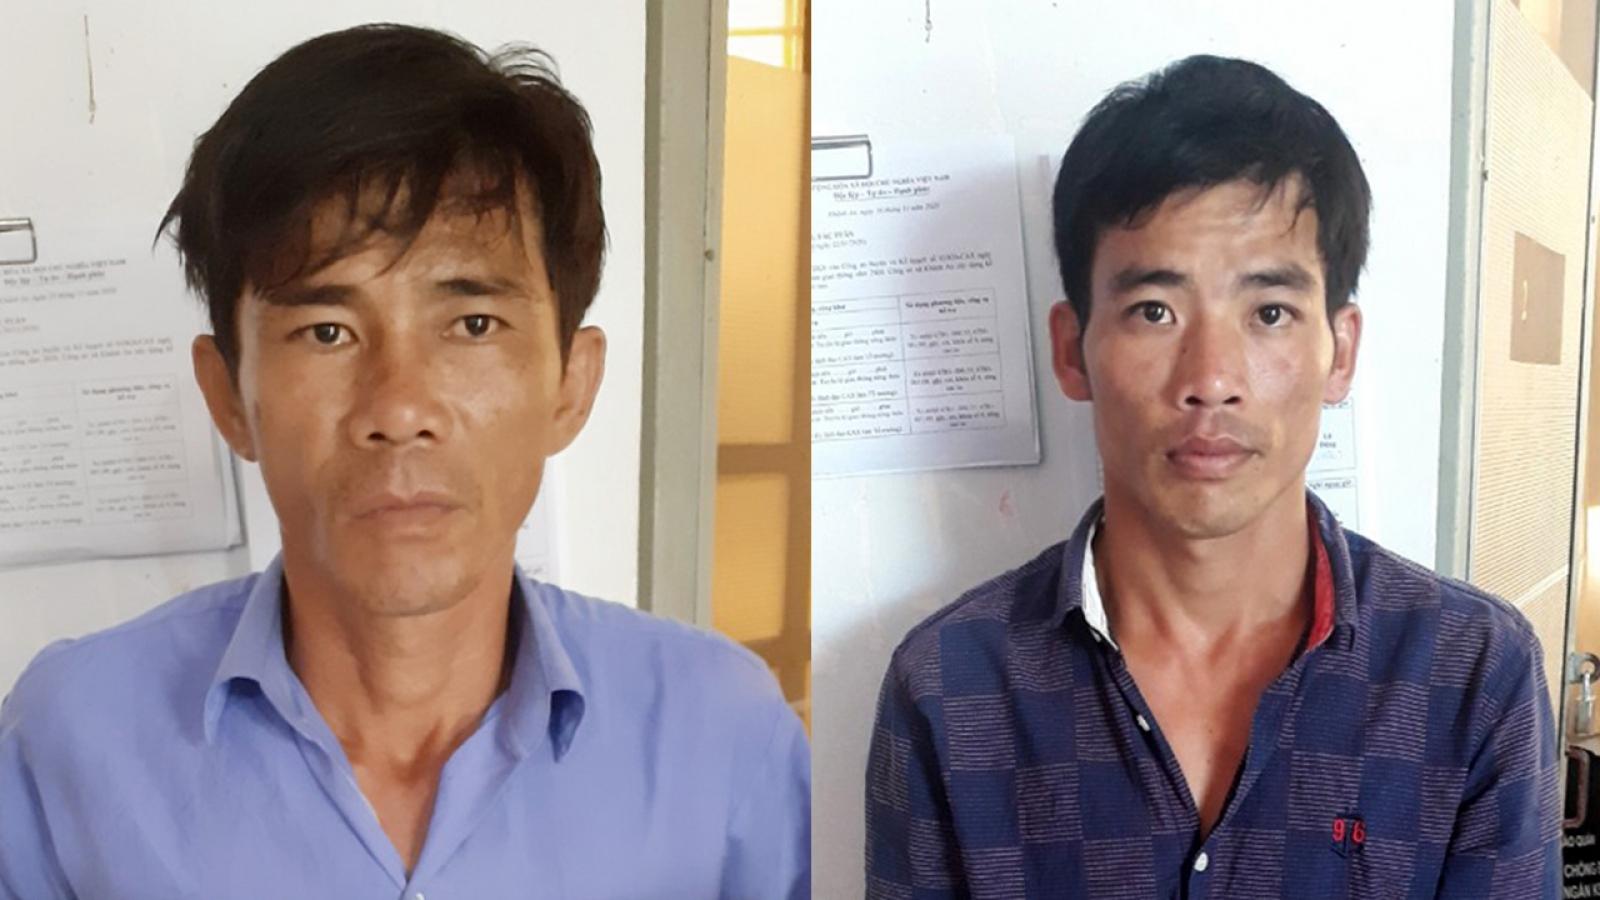 Bắt 2 đối tượng đưa người nhập cảnh trái phép từ Campuchia về Việt Nam